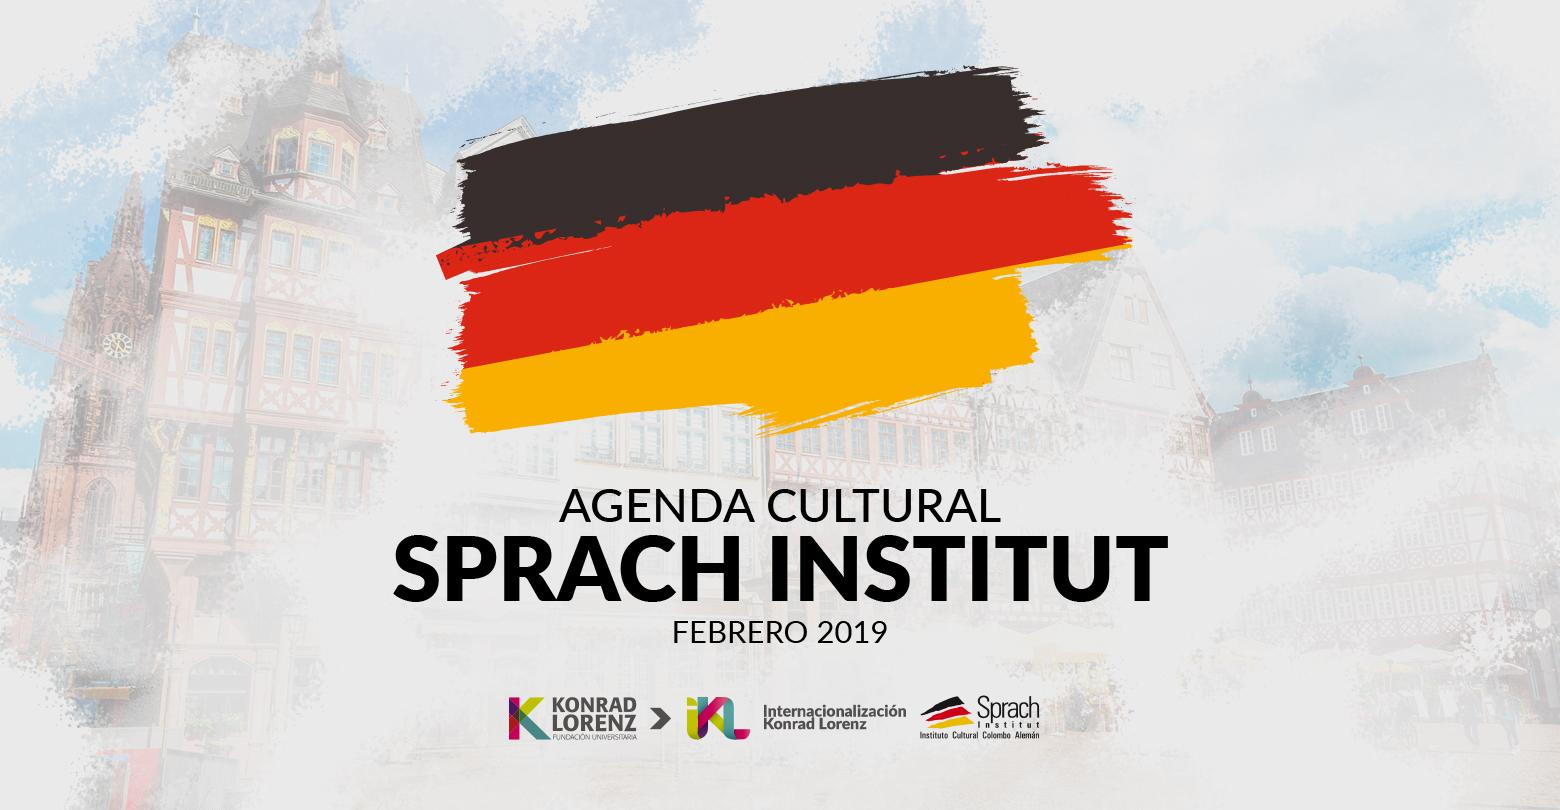 Prográmate y Participa en las Actividades del #SprachInstitut